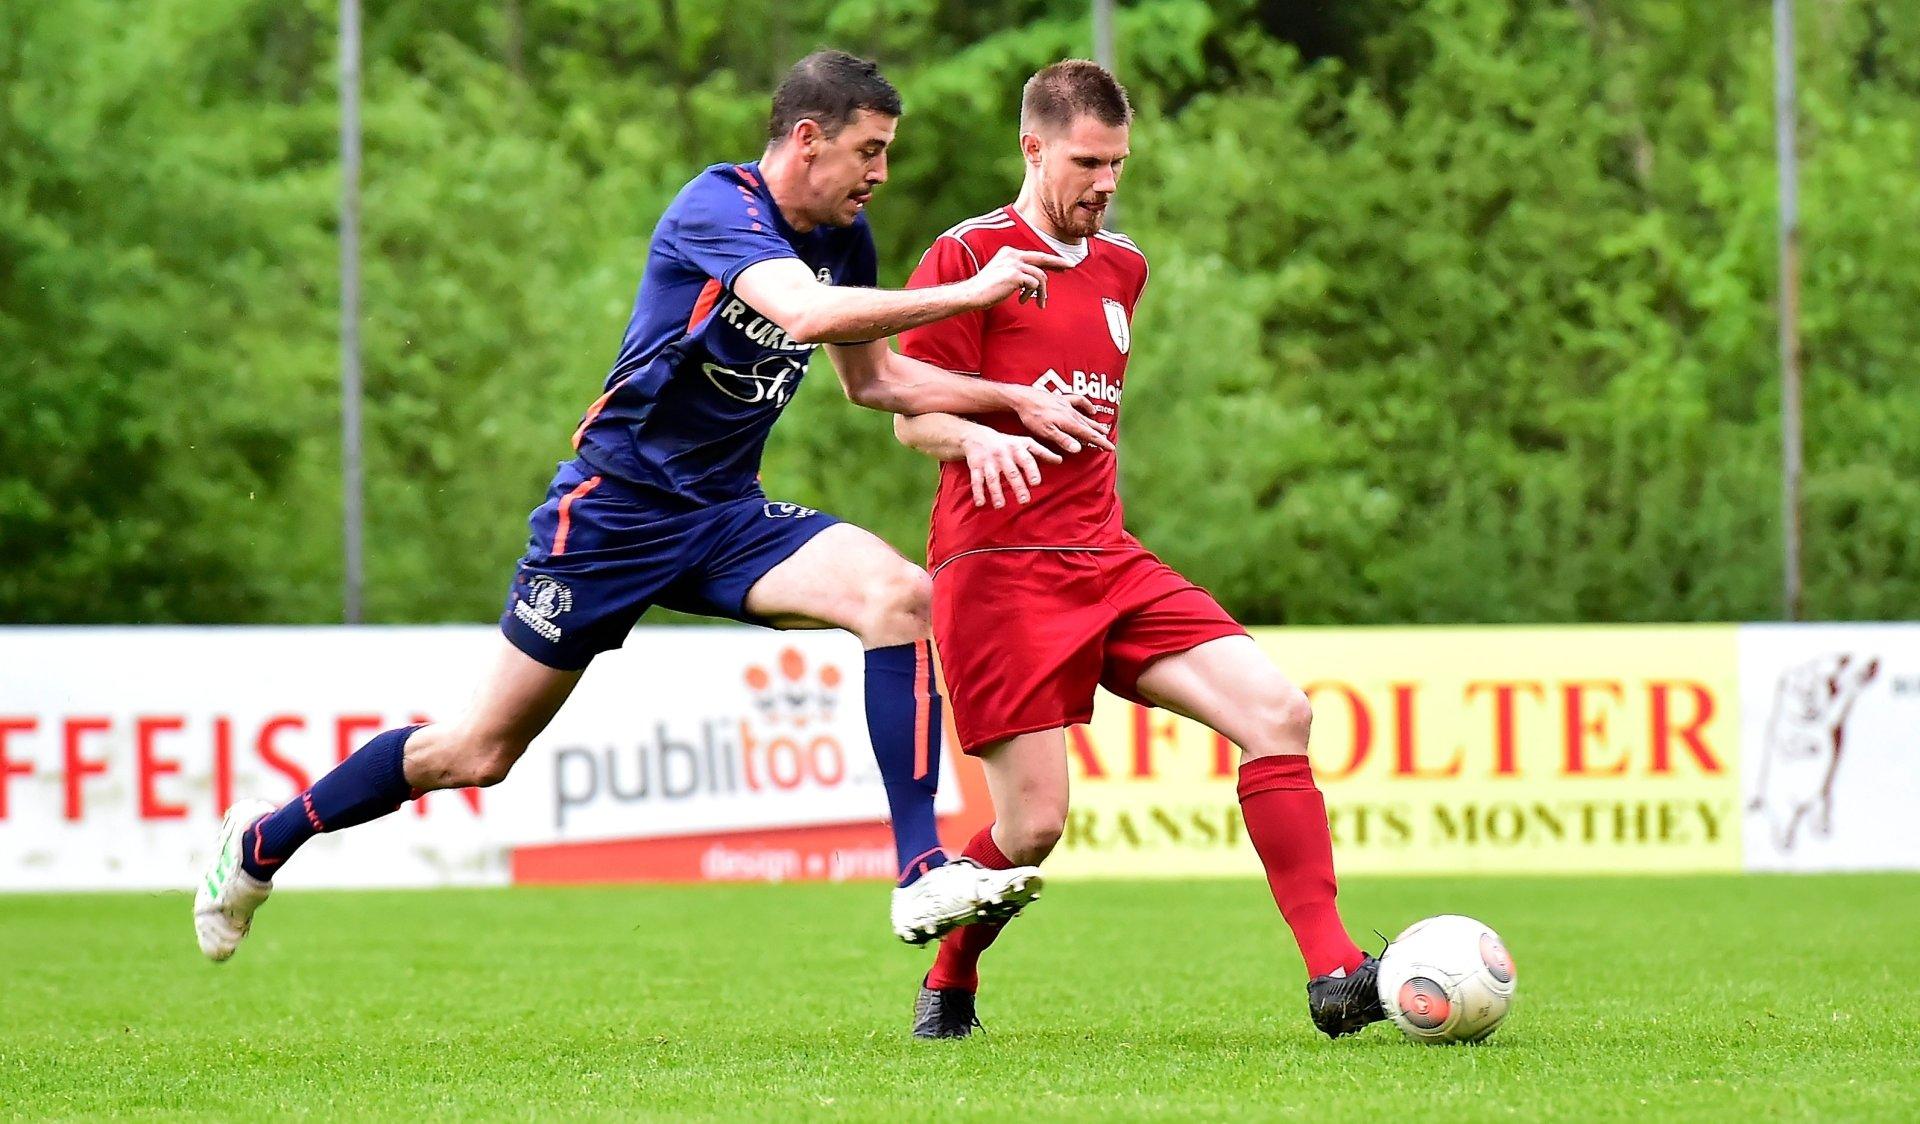 Tschumper Steeve du FC Troistorrents prendra le dessus sur Wüst Michael et le FC Savièse.